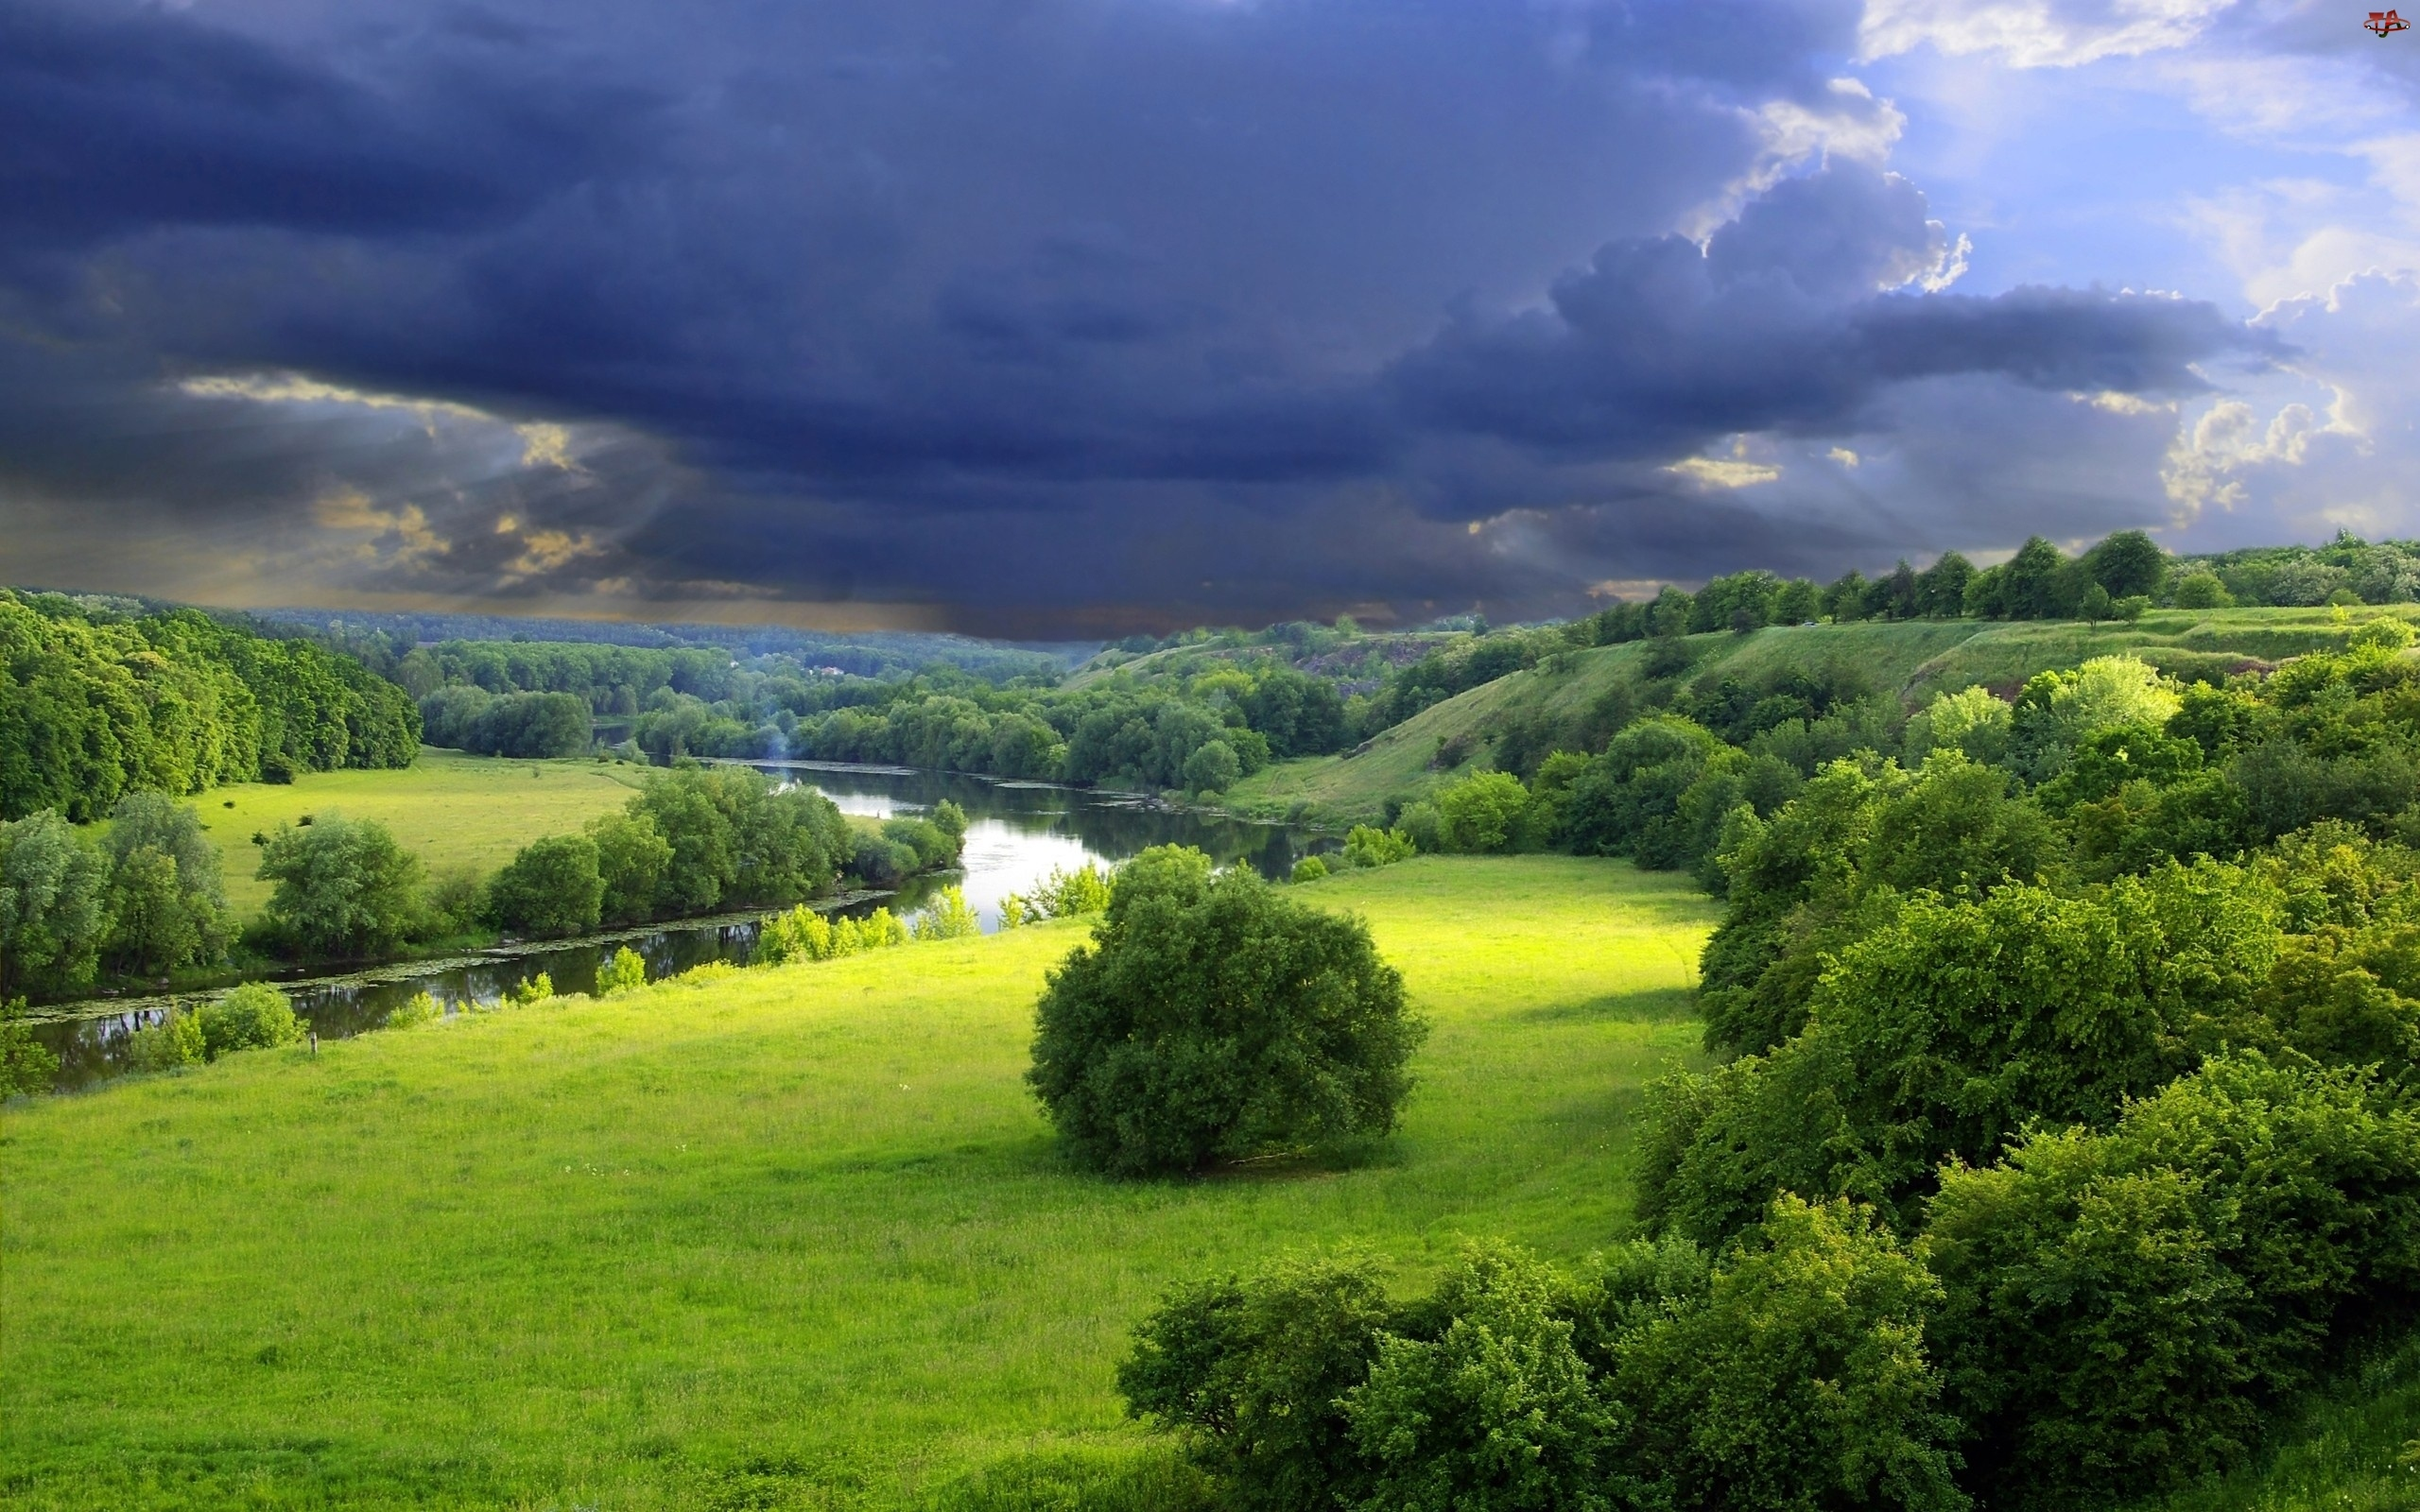 Niebo, Rzeka, Łąka, Drzewa, Burzowe